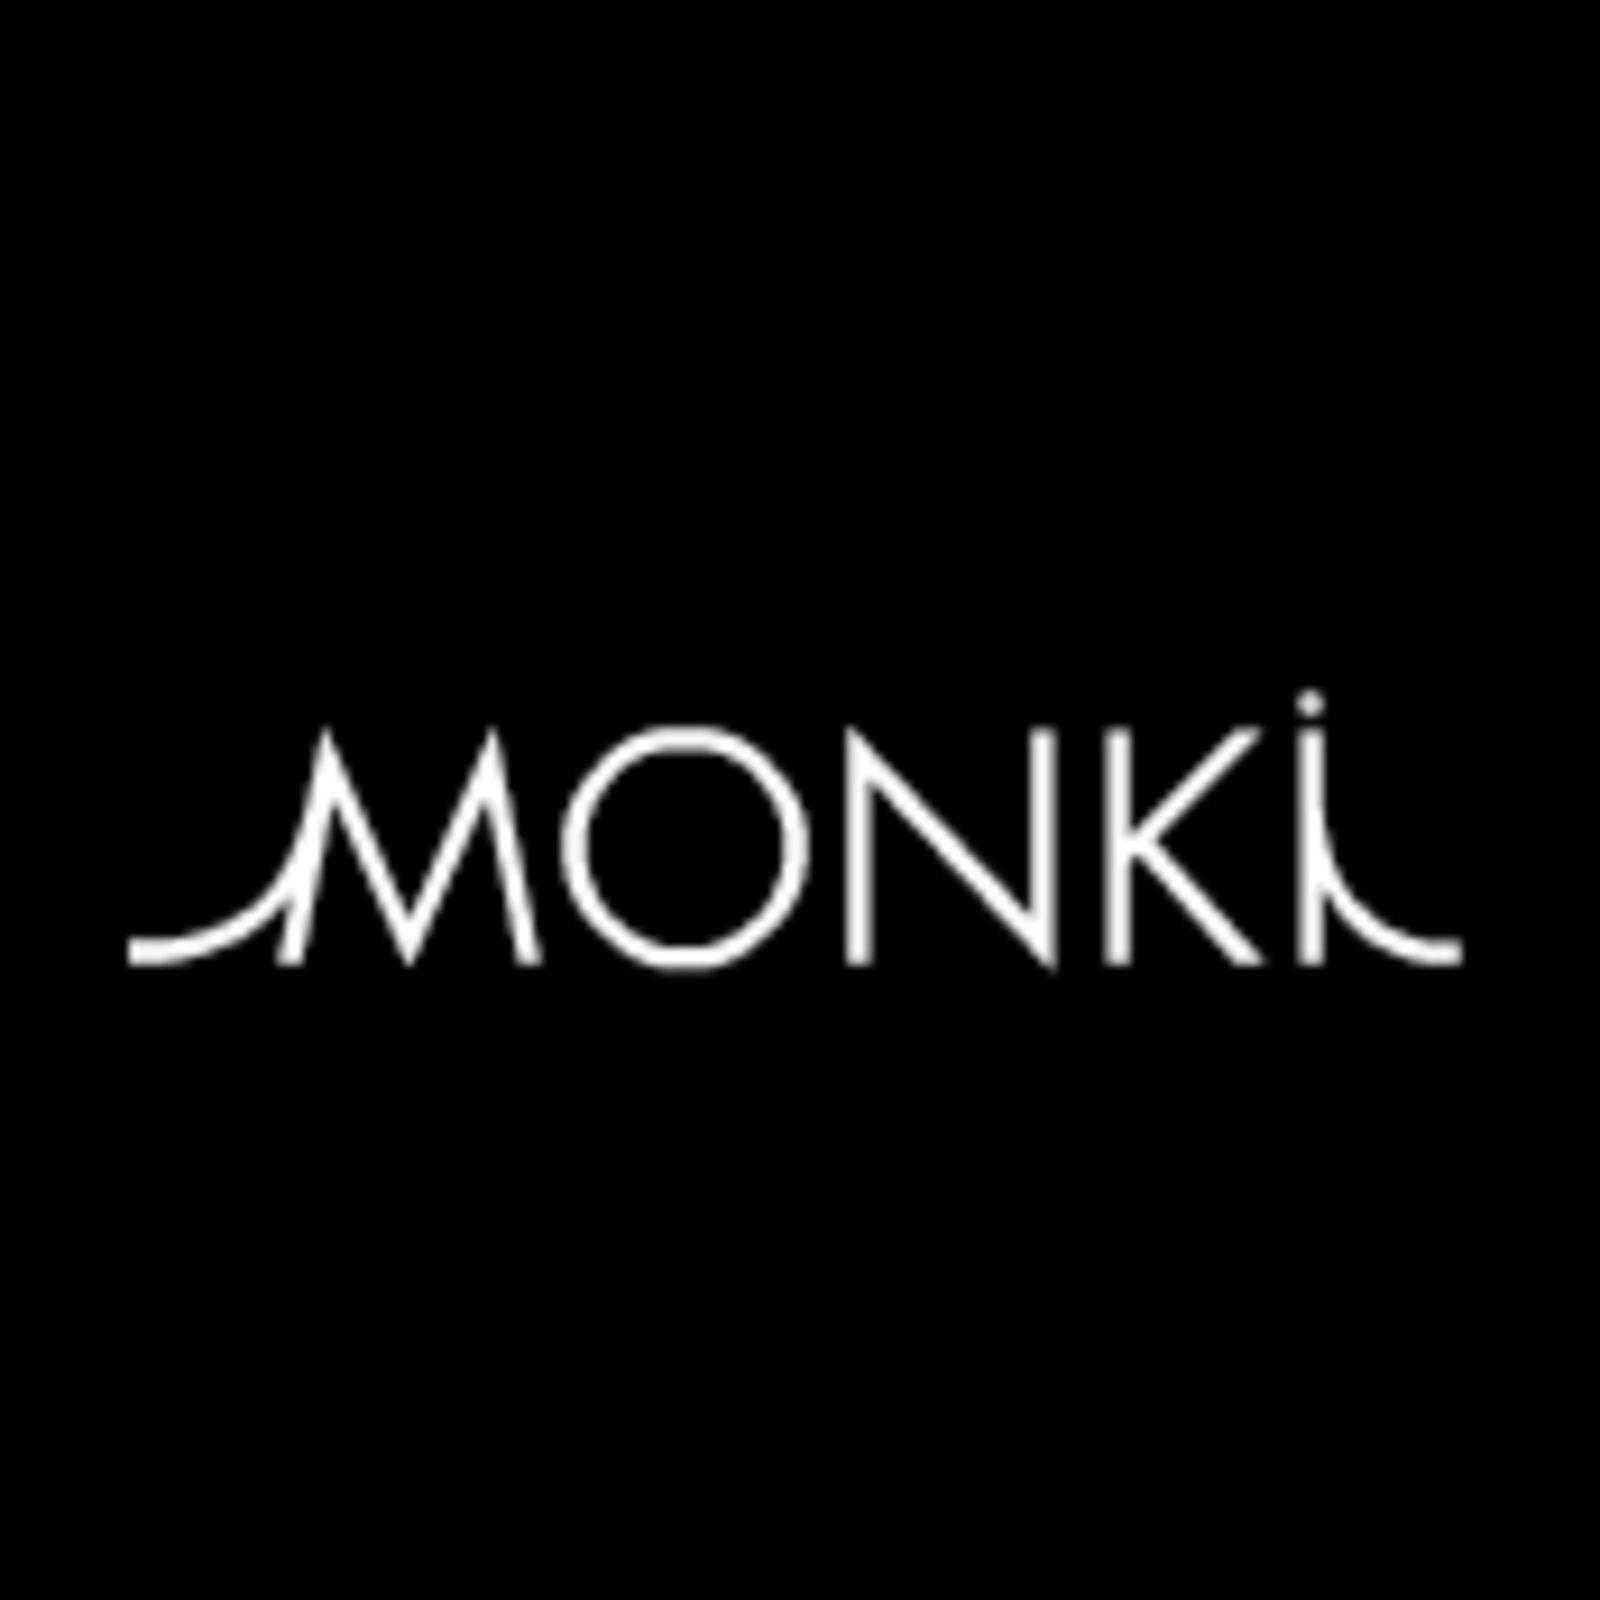 MONKI (Bild 1)